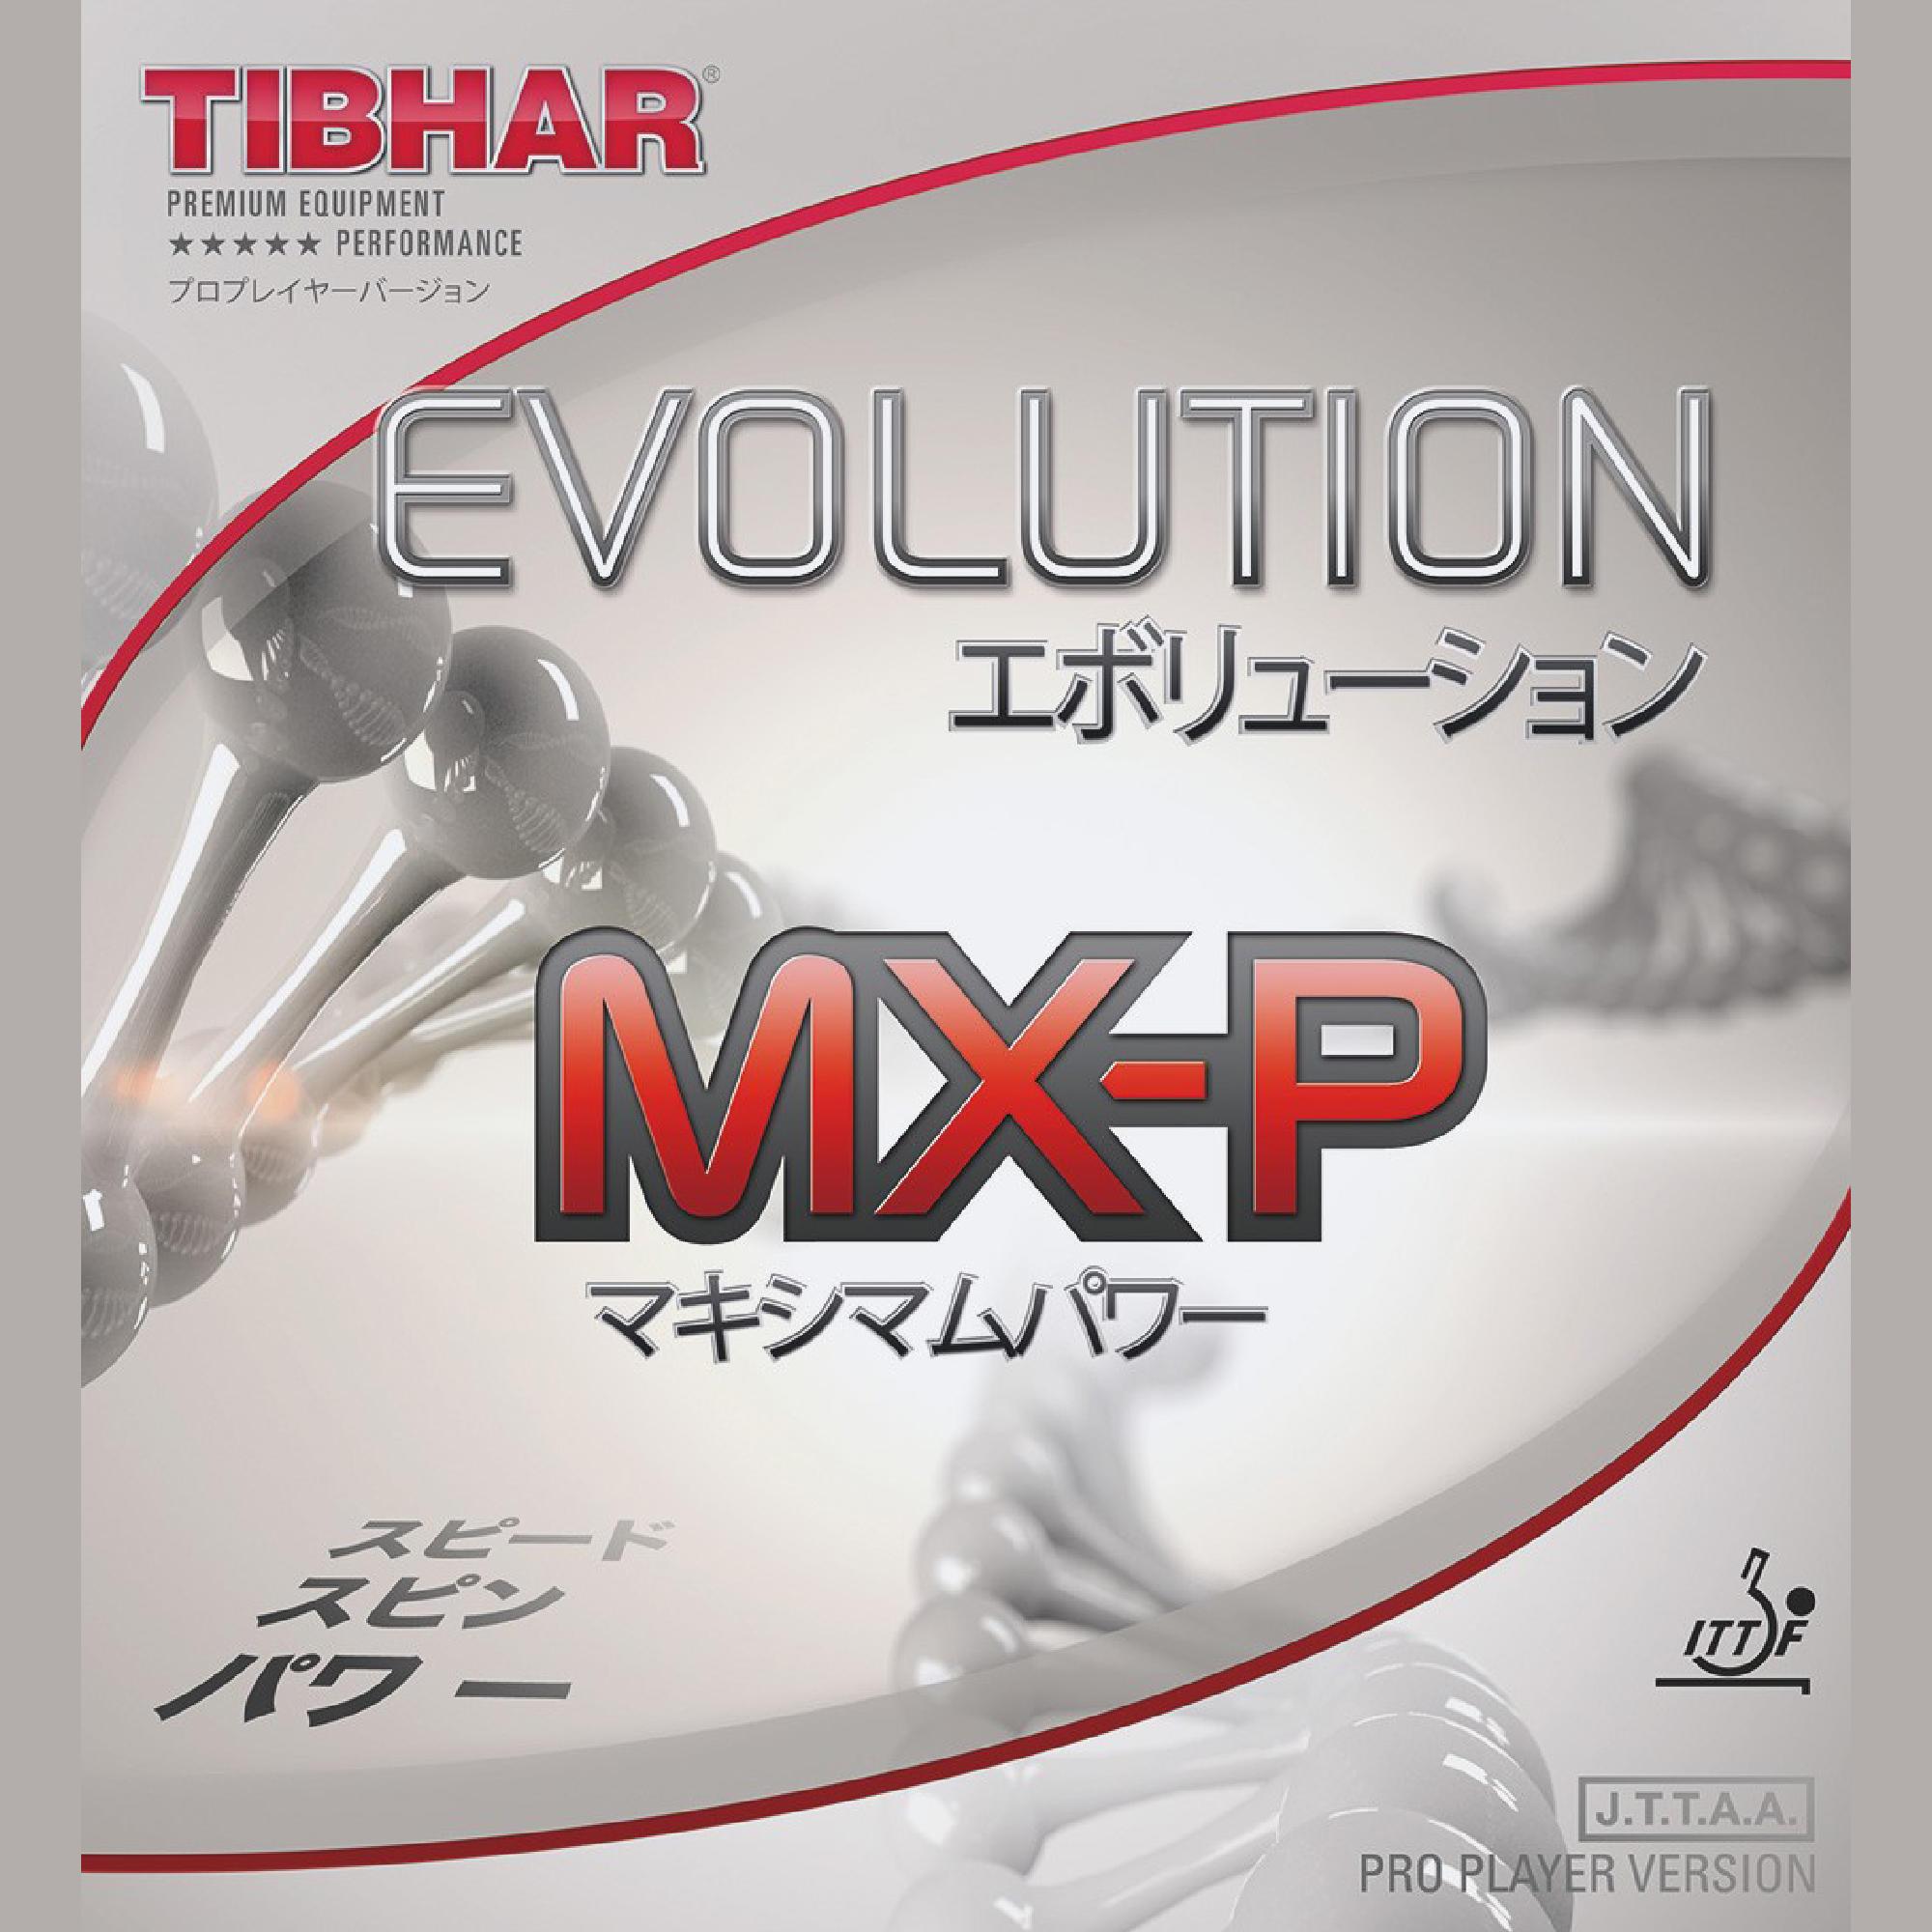 Față Evolution MX-P imagine